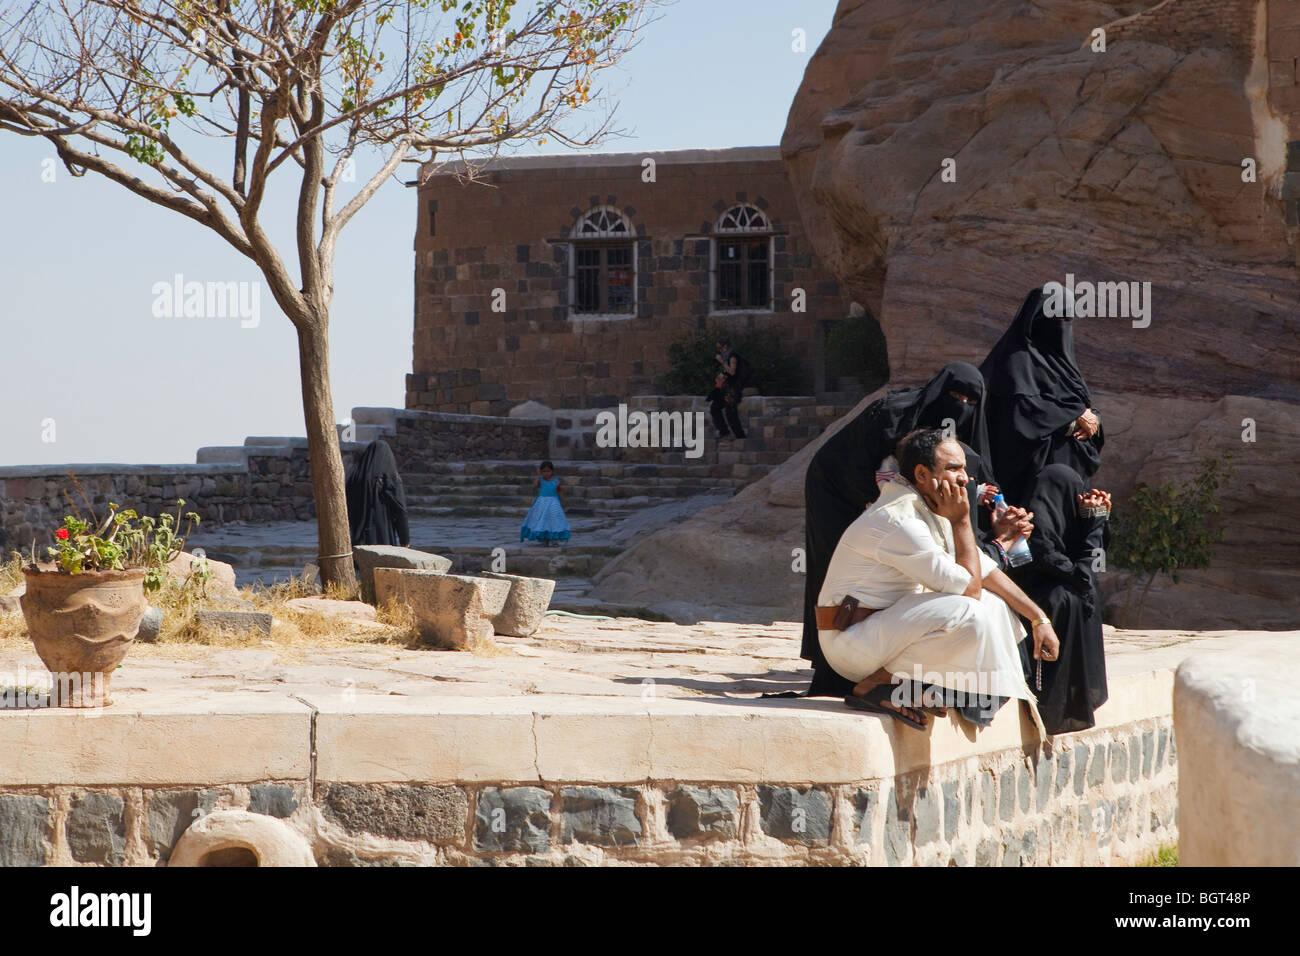 Outside the Imam's Summer Palace, Wadi Dahr, Yemen - Stock Image